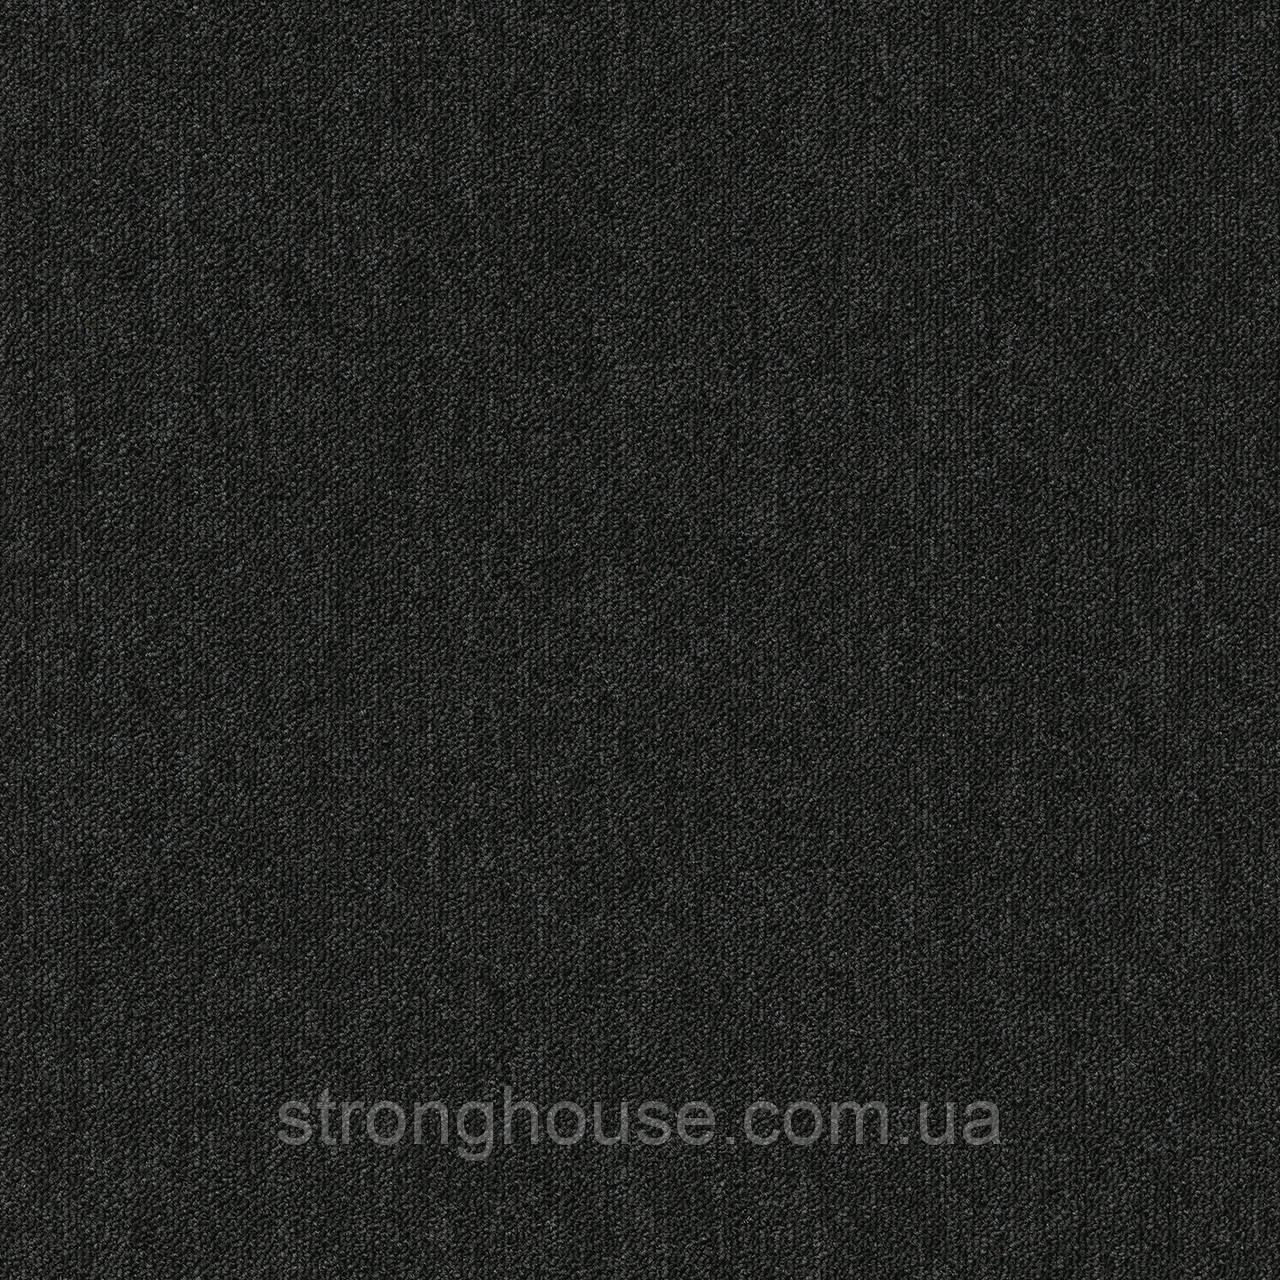 Domo Modulyss Alpha 991 Ковровая плитка Альфа 991